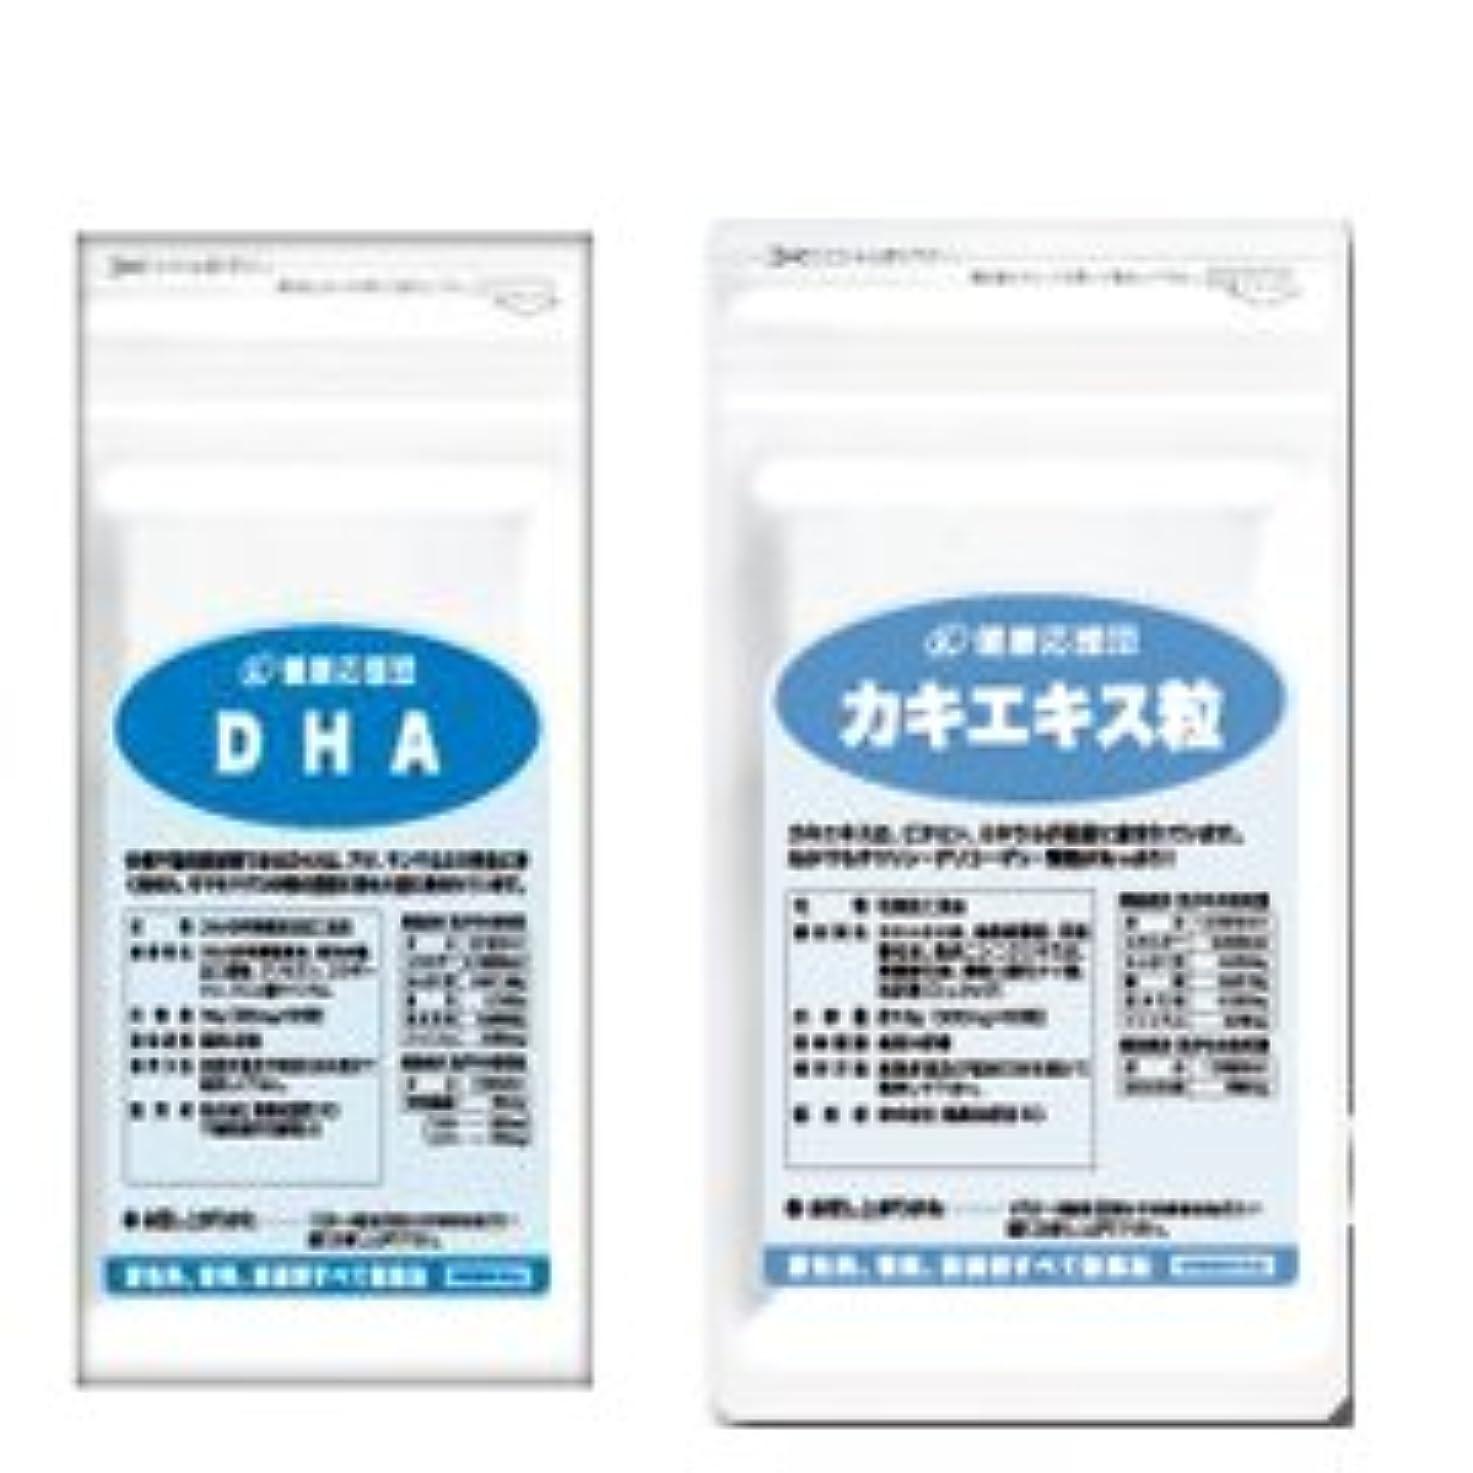 大いにまぶしさキャンディー(お徳用6か月分)  海の肝臓応援セット DHA+牡蠣エキス粒 6袋&6袋セット (カキエキス+DHA?EPA?グリコーゲン?タウリン)